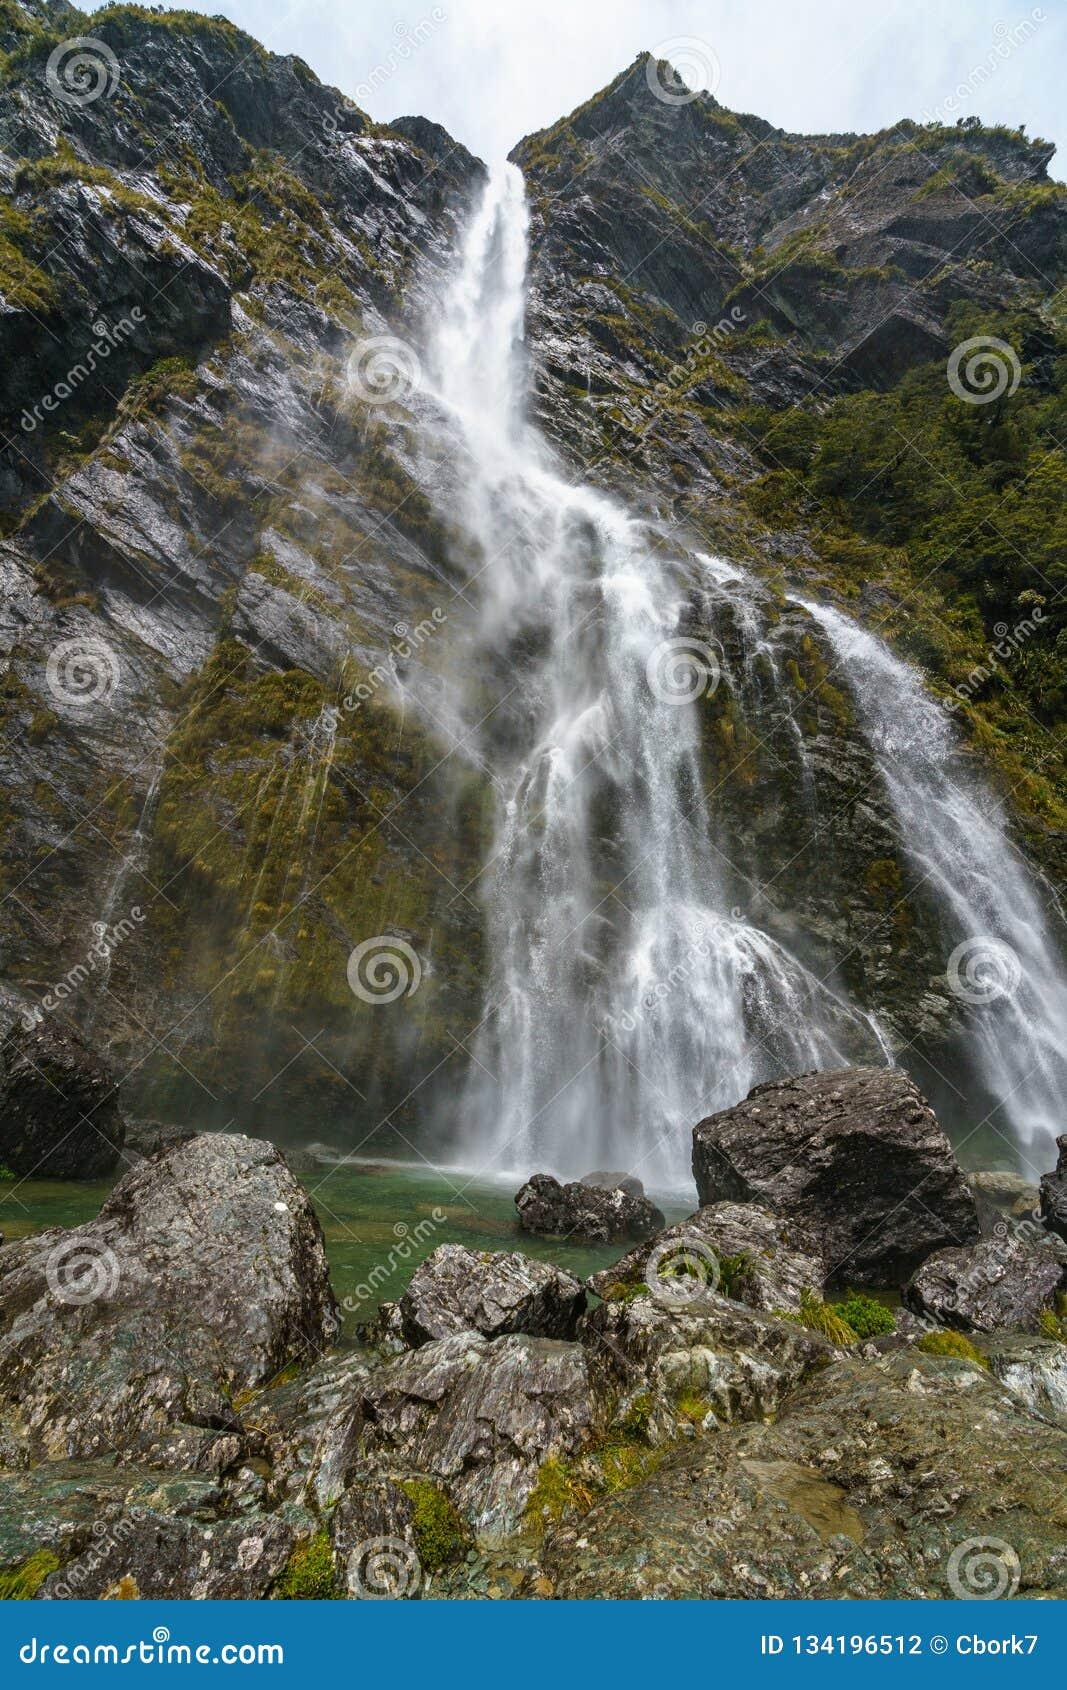 Cachoeiras poderosas, quedas do earland, southland, Nova Zelândia 8